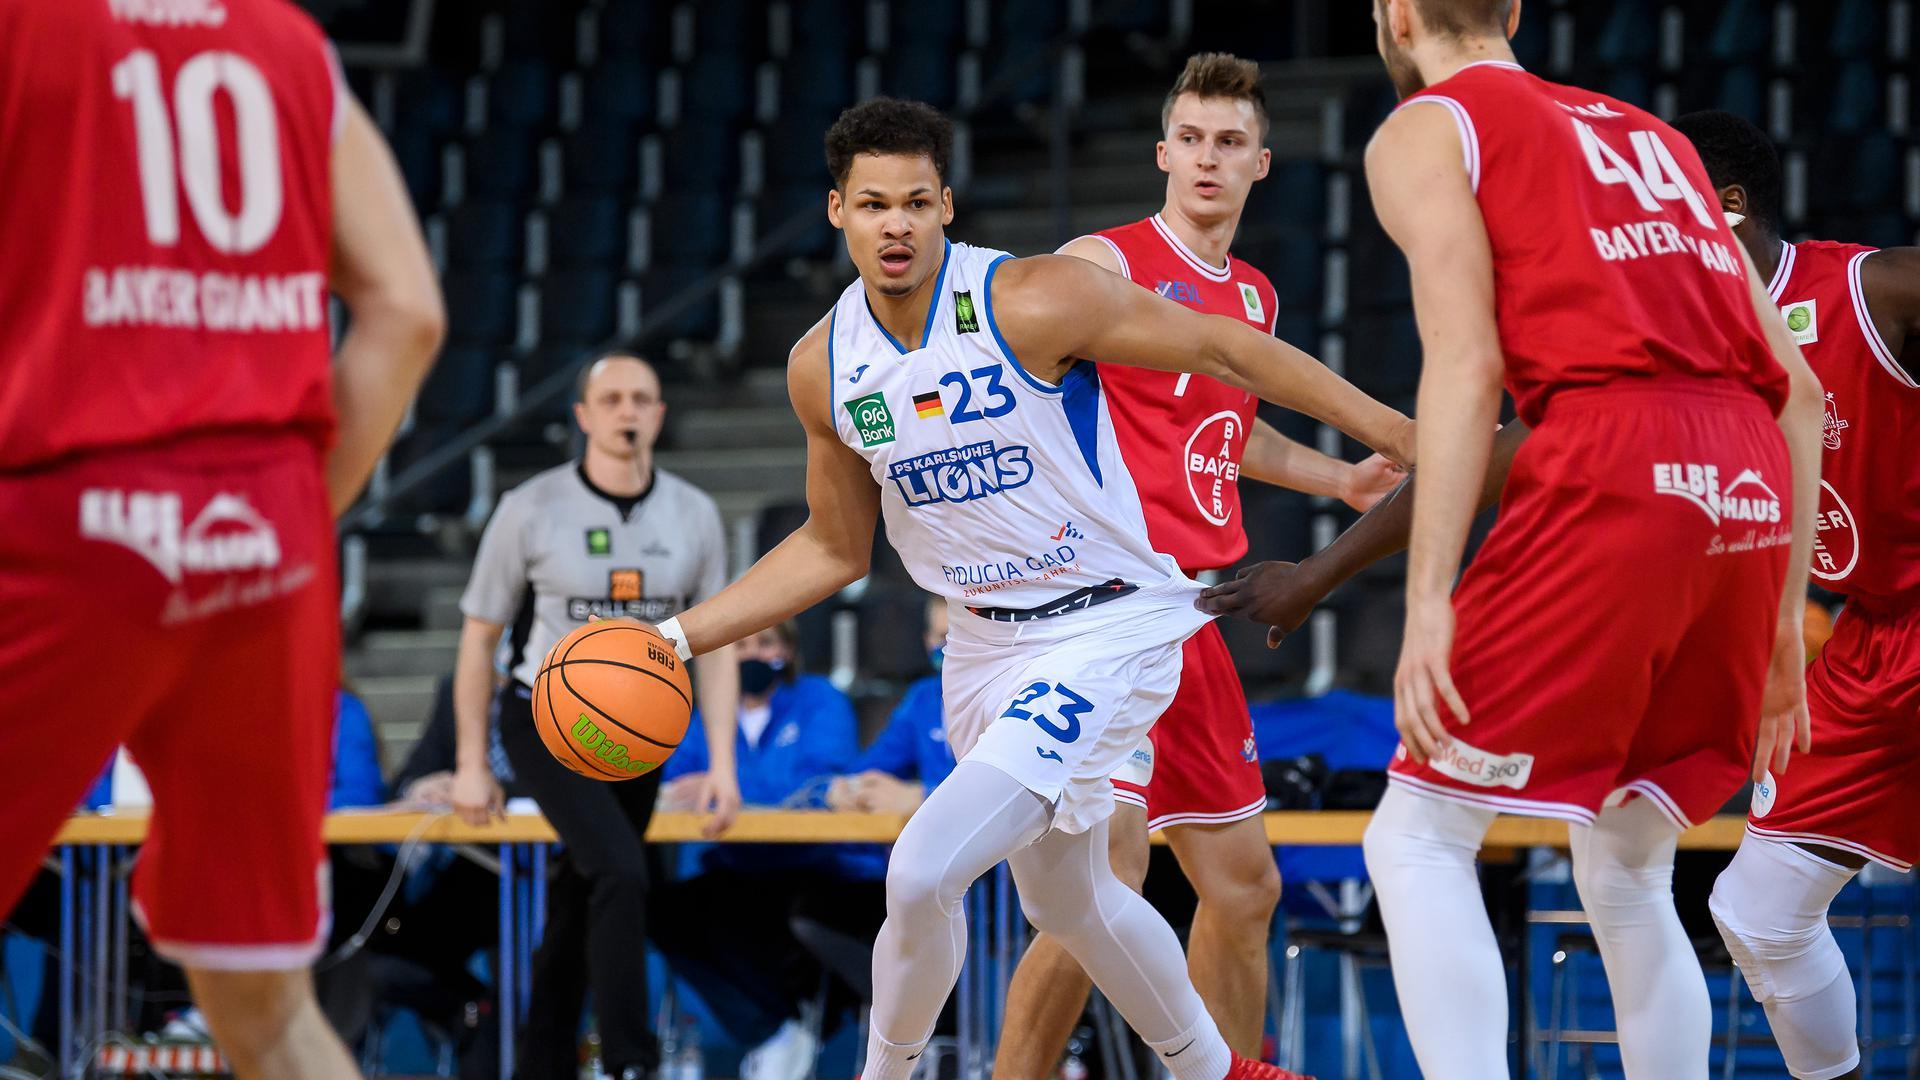 Maurice Marko Pluskota (Lions) setzt sich durch, dahinter Grant Dressler (Leverkusen).  GES/ Basketball/ ProA: PSK Lions - Bayer Giants Leverkusen, 28.11.2020 --